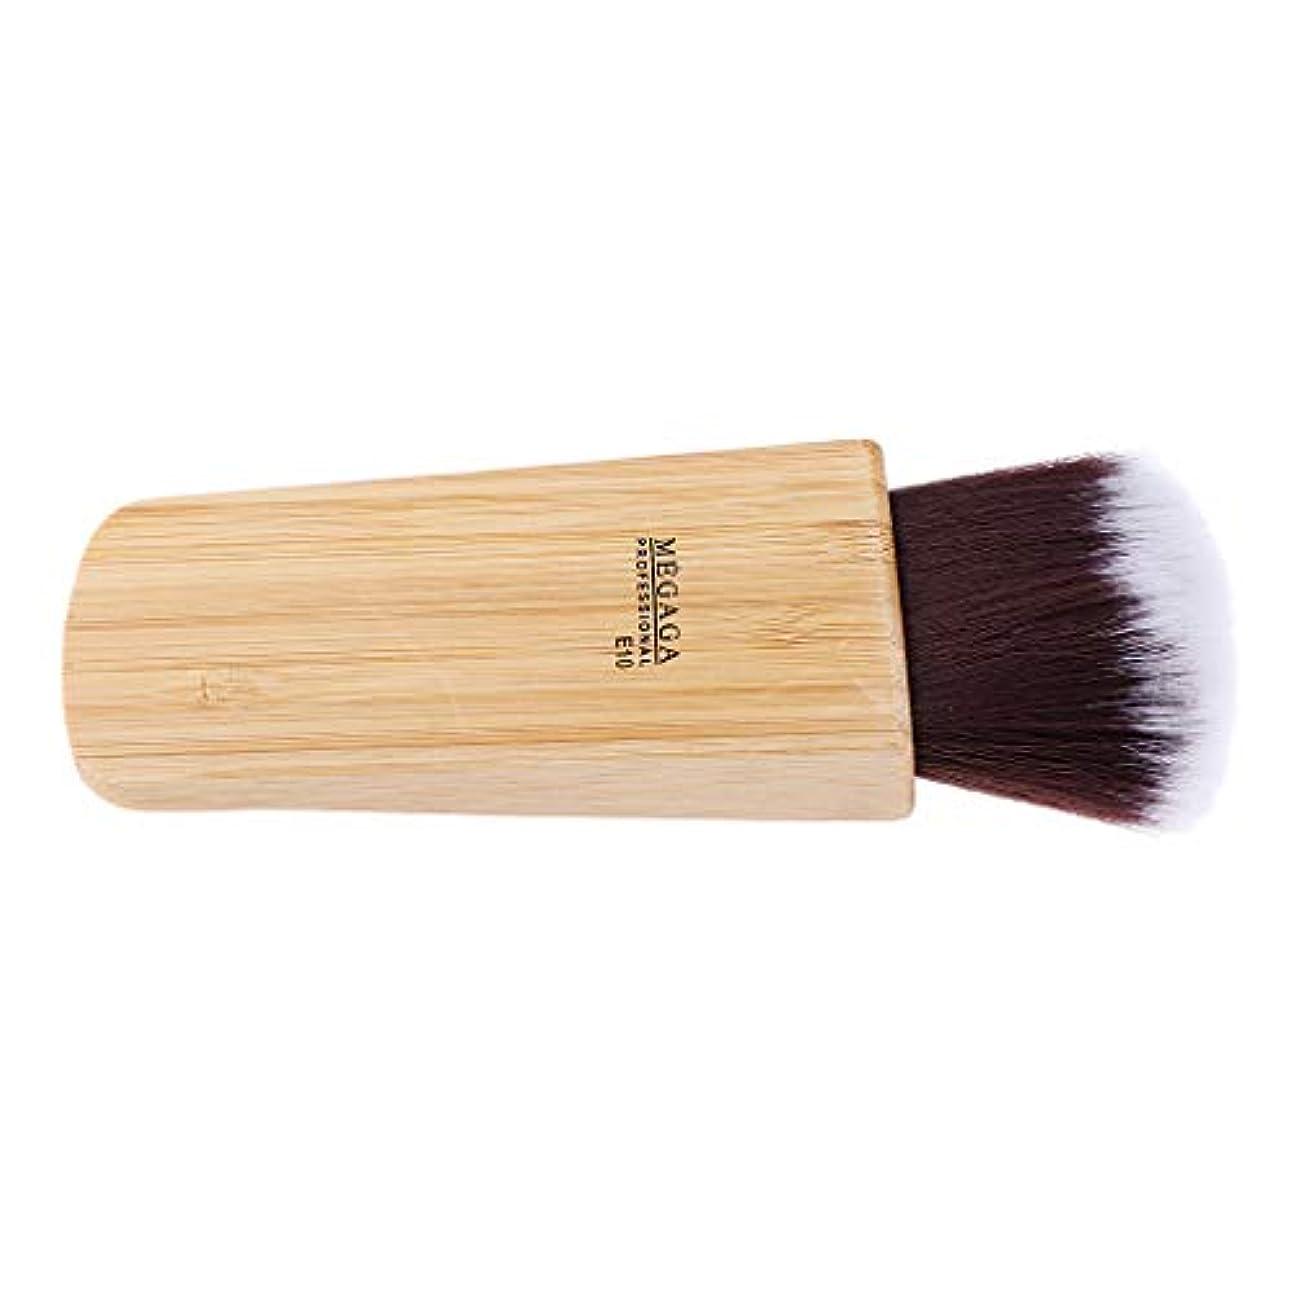 F Fityle ネックダスターブラシ ヘアカット ネックブラシ 洗浄 ヘアブラシ 理髪美容ツール